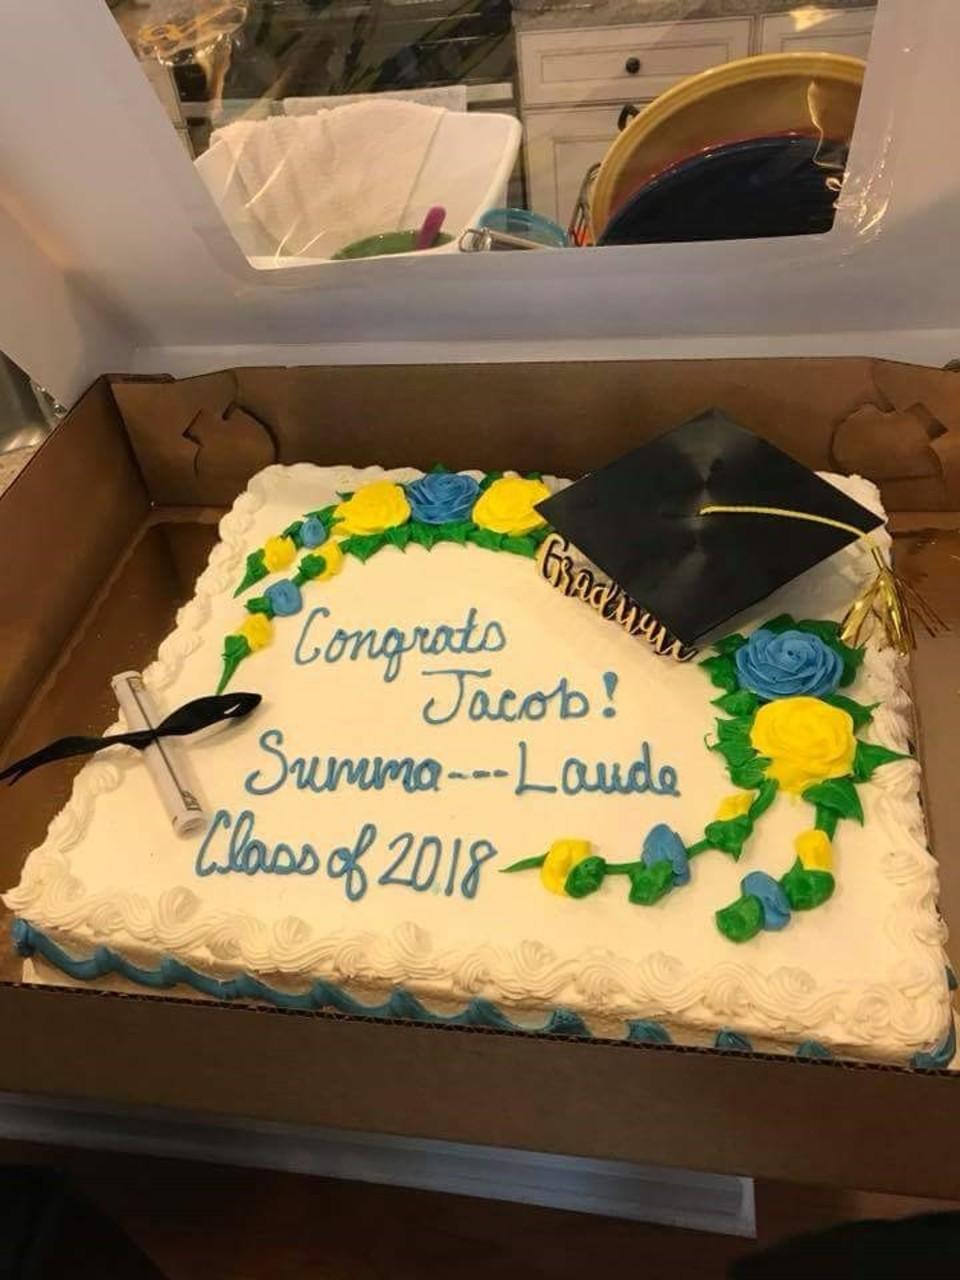 Publix Cakes Pictures : publix, cakes, pictures, Publix, Wouldn't, Write, Summa, Laude, Graduation, Profanity,, Family